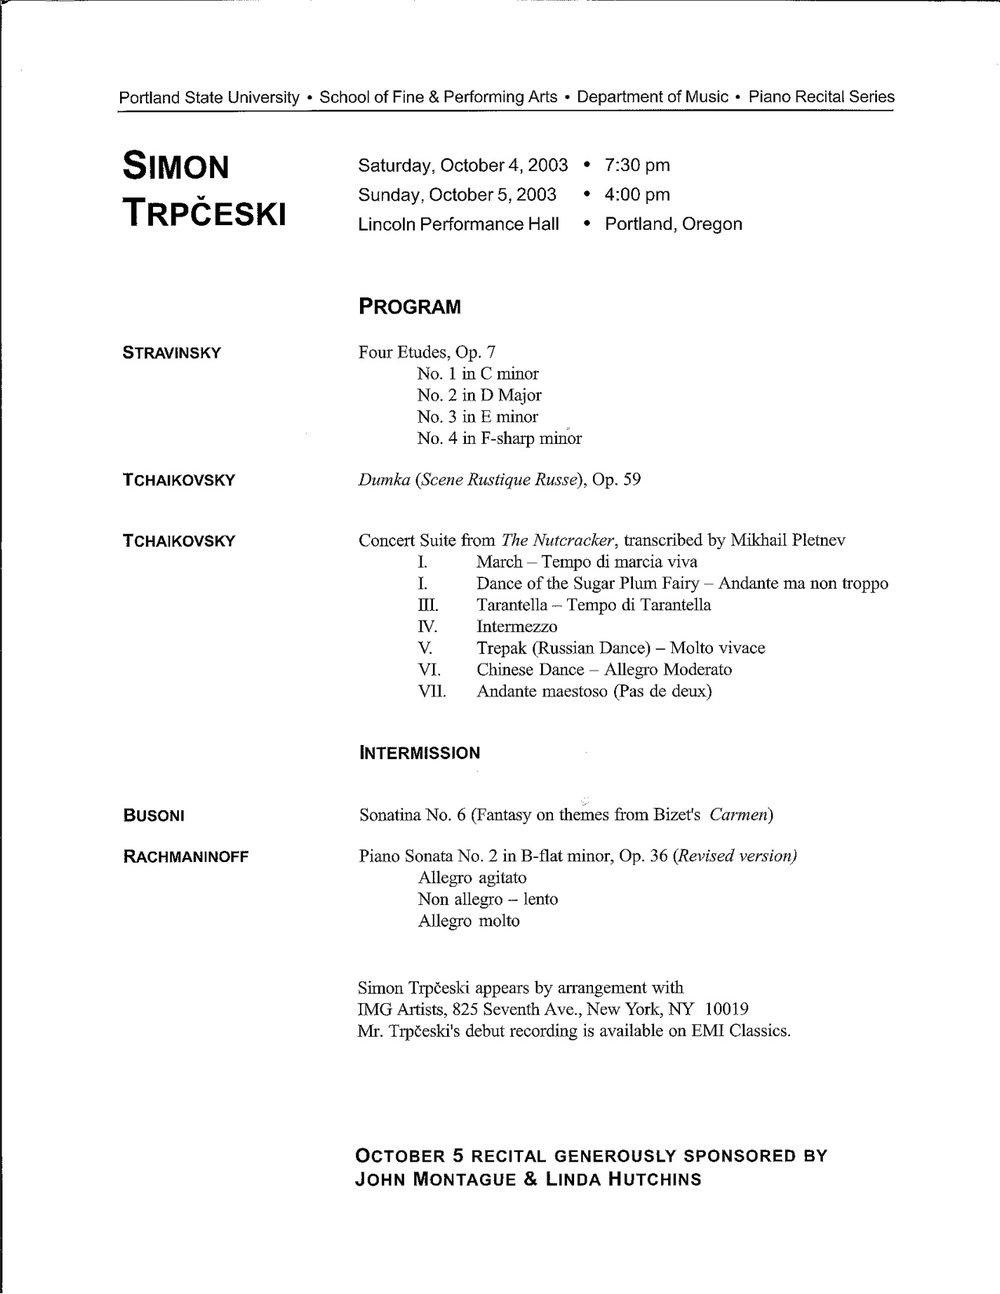 Trpceski03-04_Program2.jpg